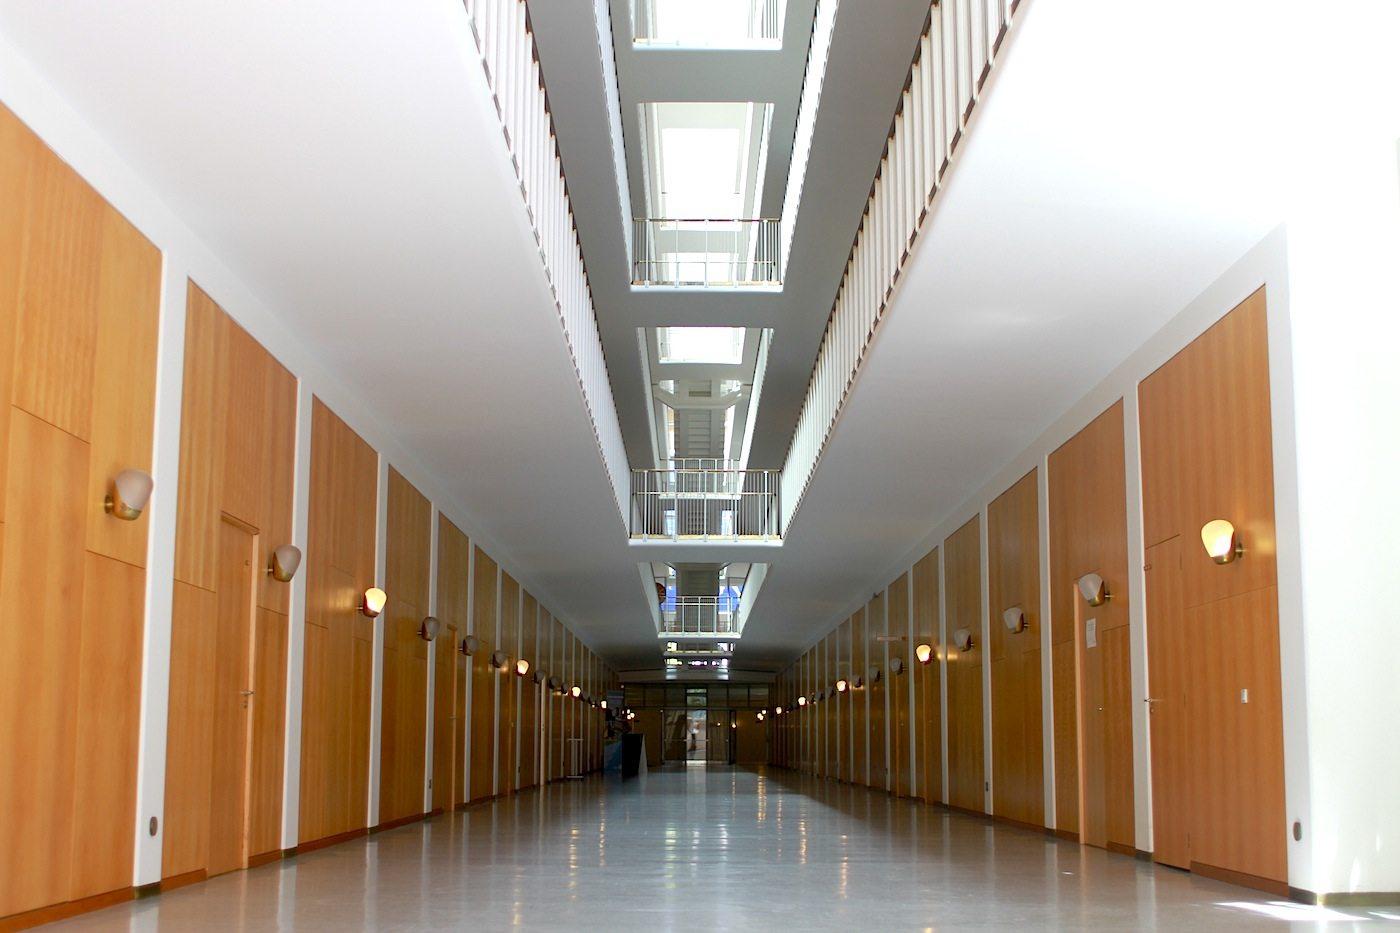 Ganz und gar.  symmetrisch und einheitlich sind Bürotrakte und die anderen Bereiche des Gebäudes gestaltet.